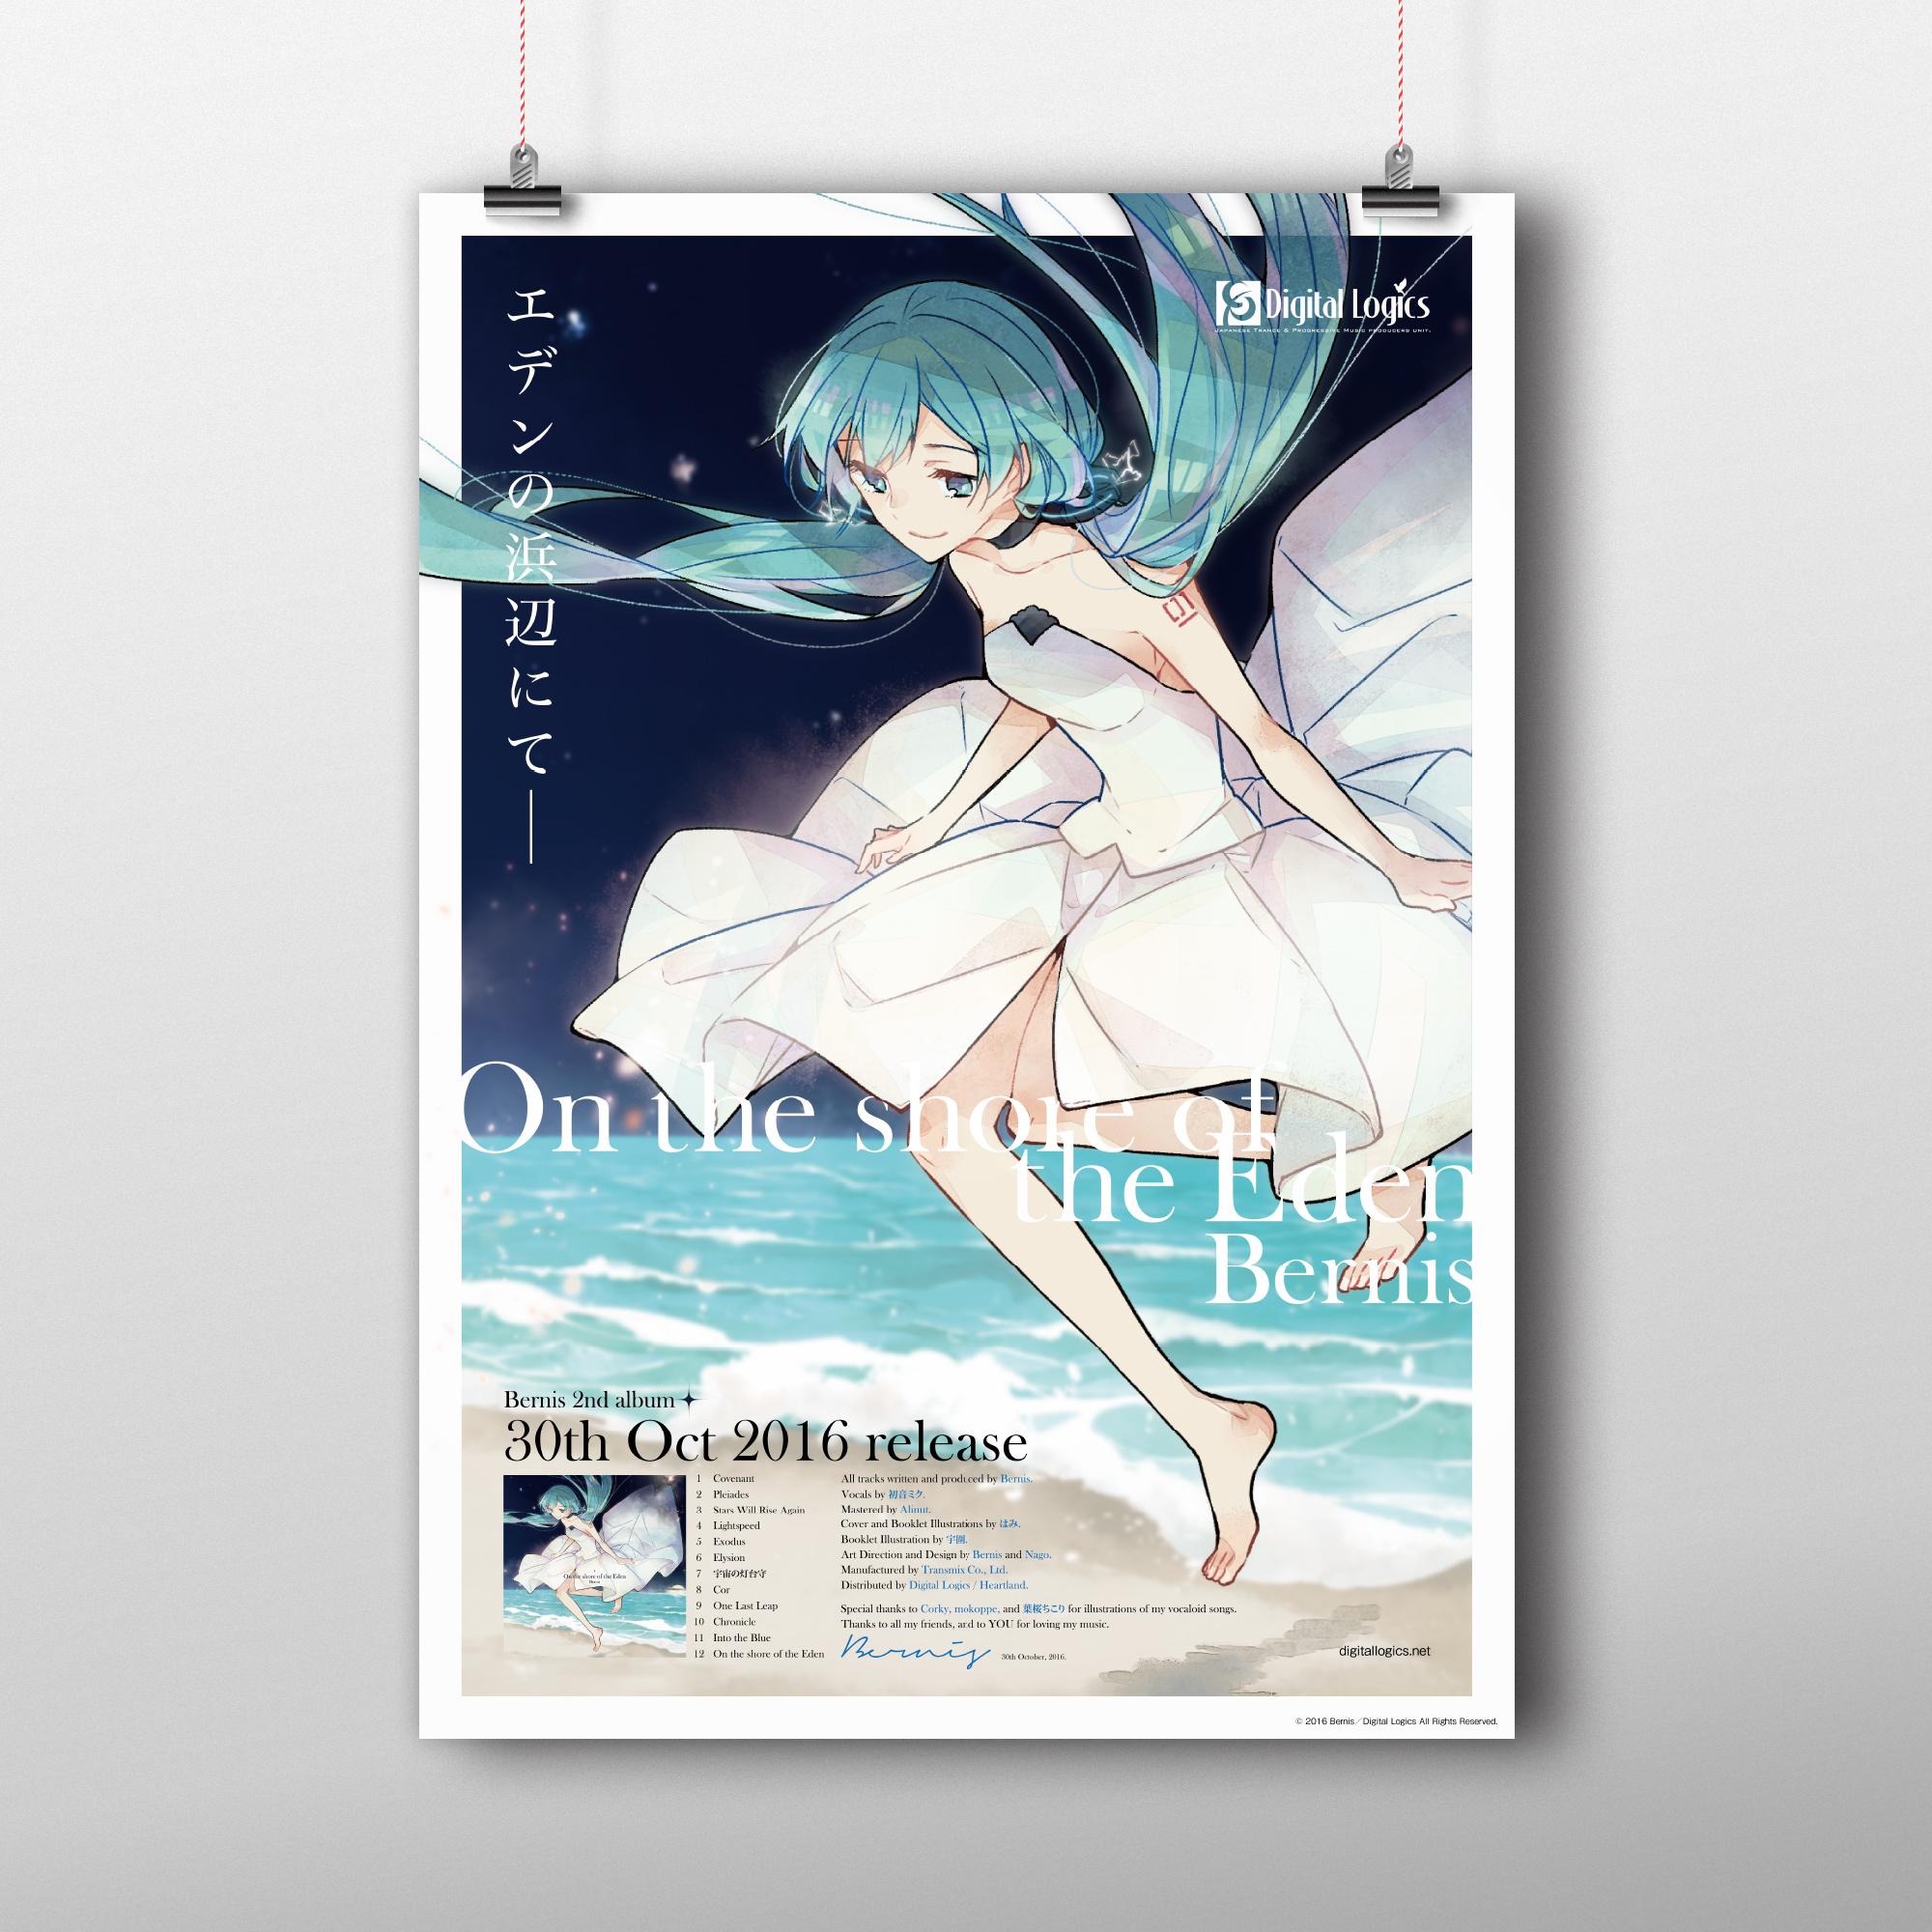 poster_mockup_v1-0_timeasley-com